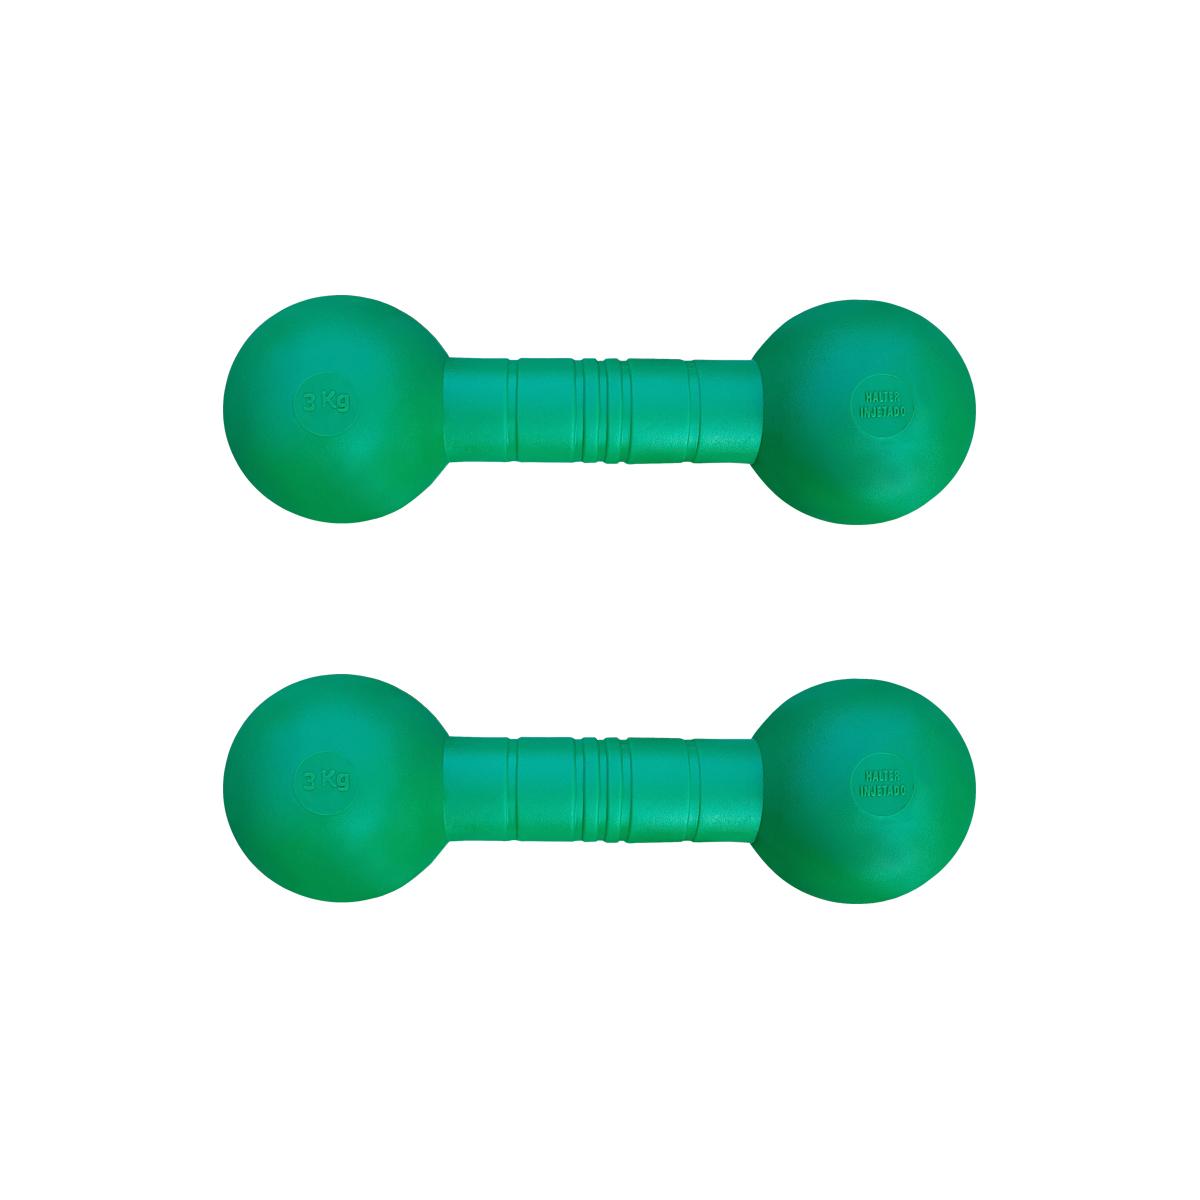 Kit com 2 Halteres Injetados Verdes Revestidos com Grossa Camada de PVC